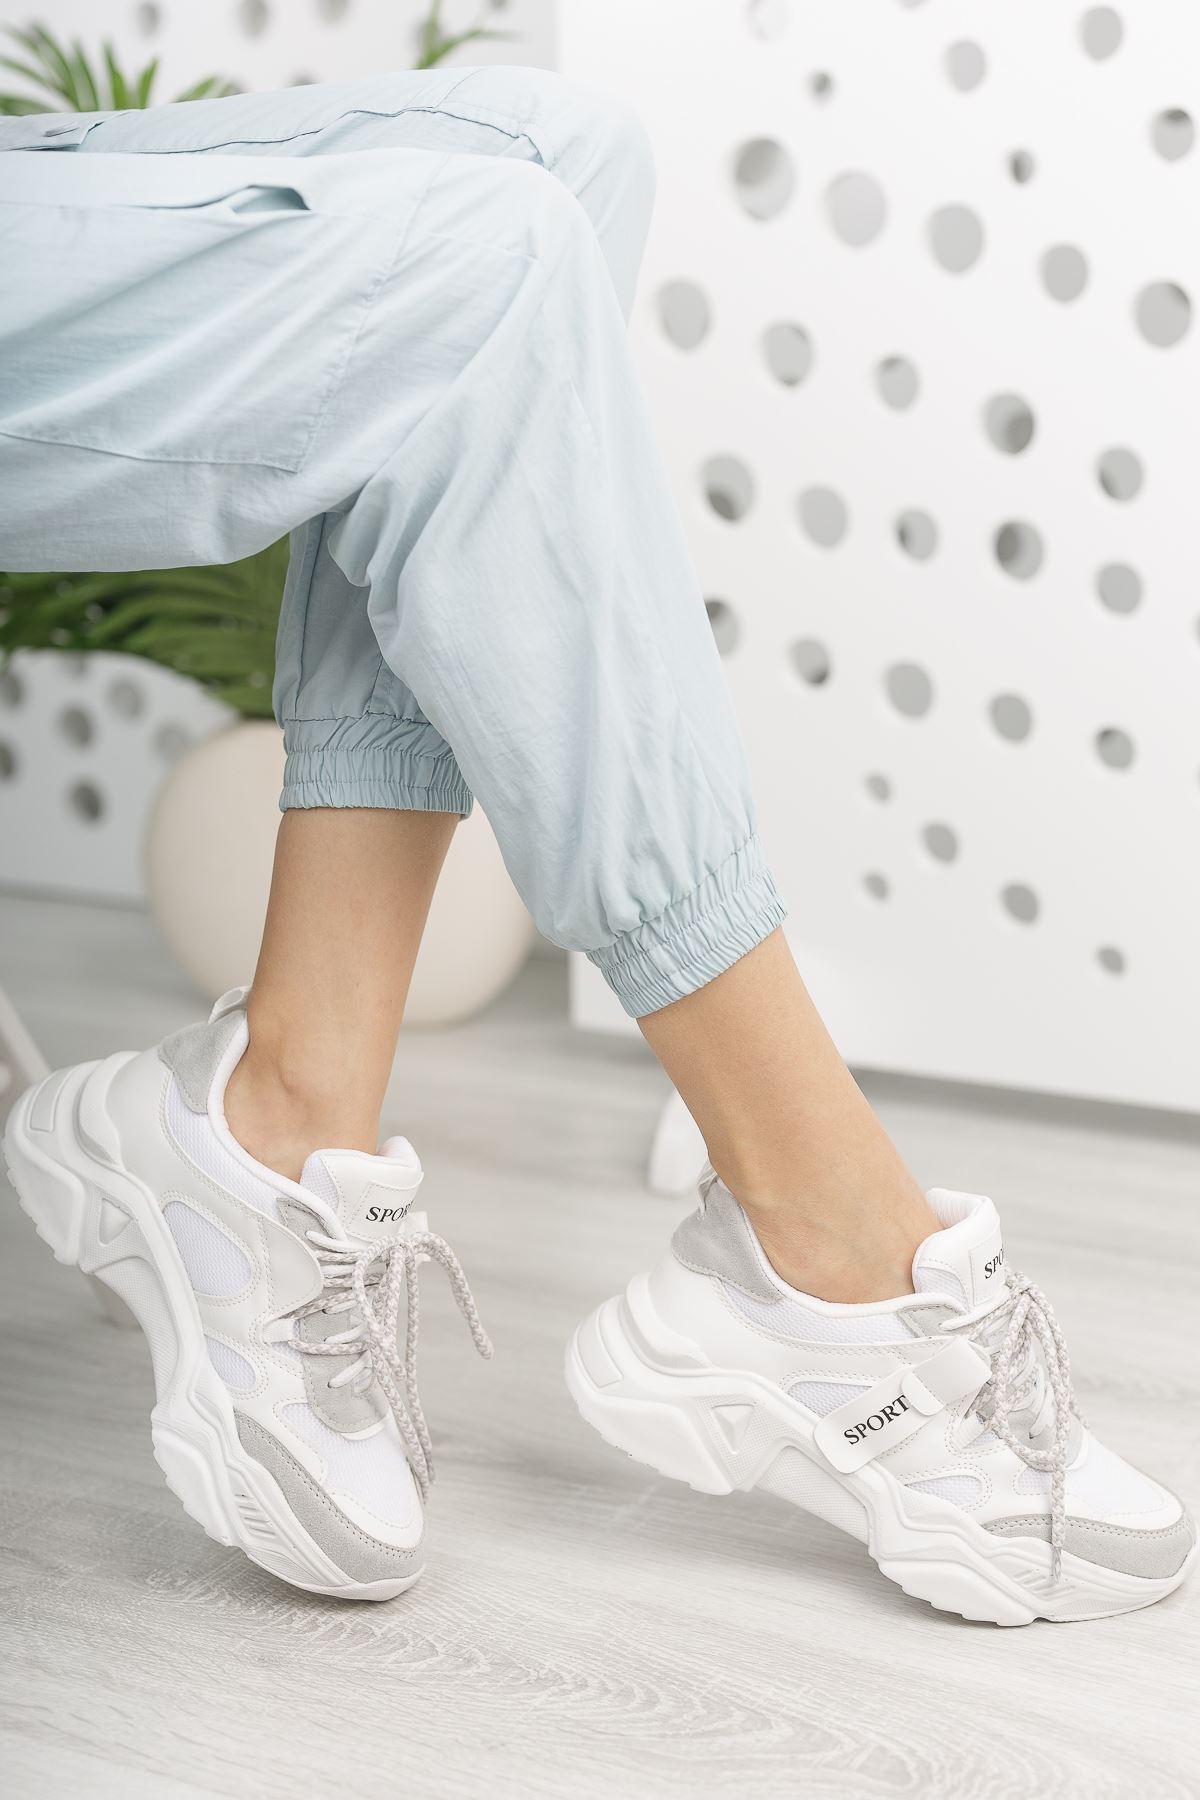 Kadın Rovina Triko Detay Kalın Taban Beyaz Spor Ayakkabı